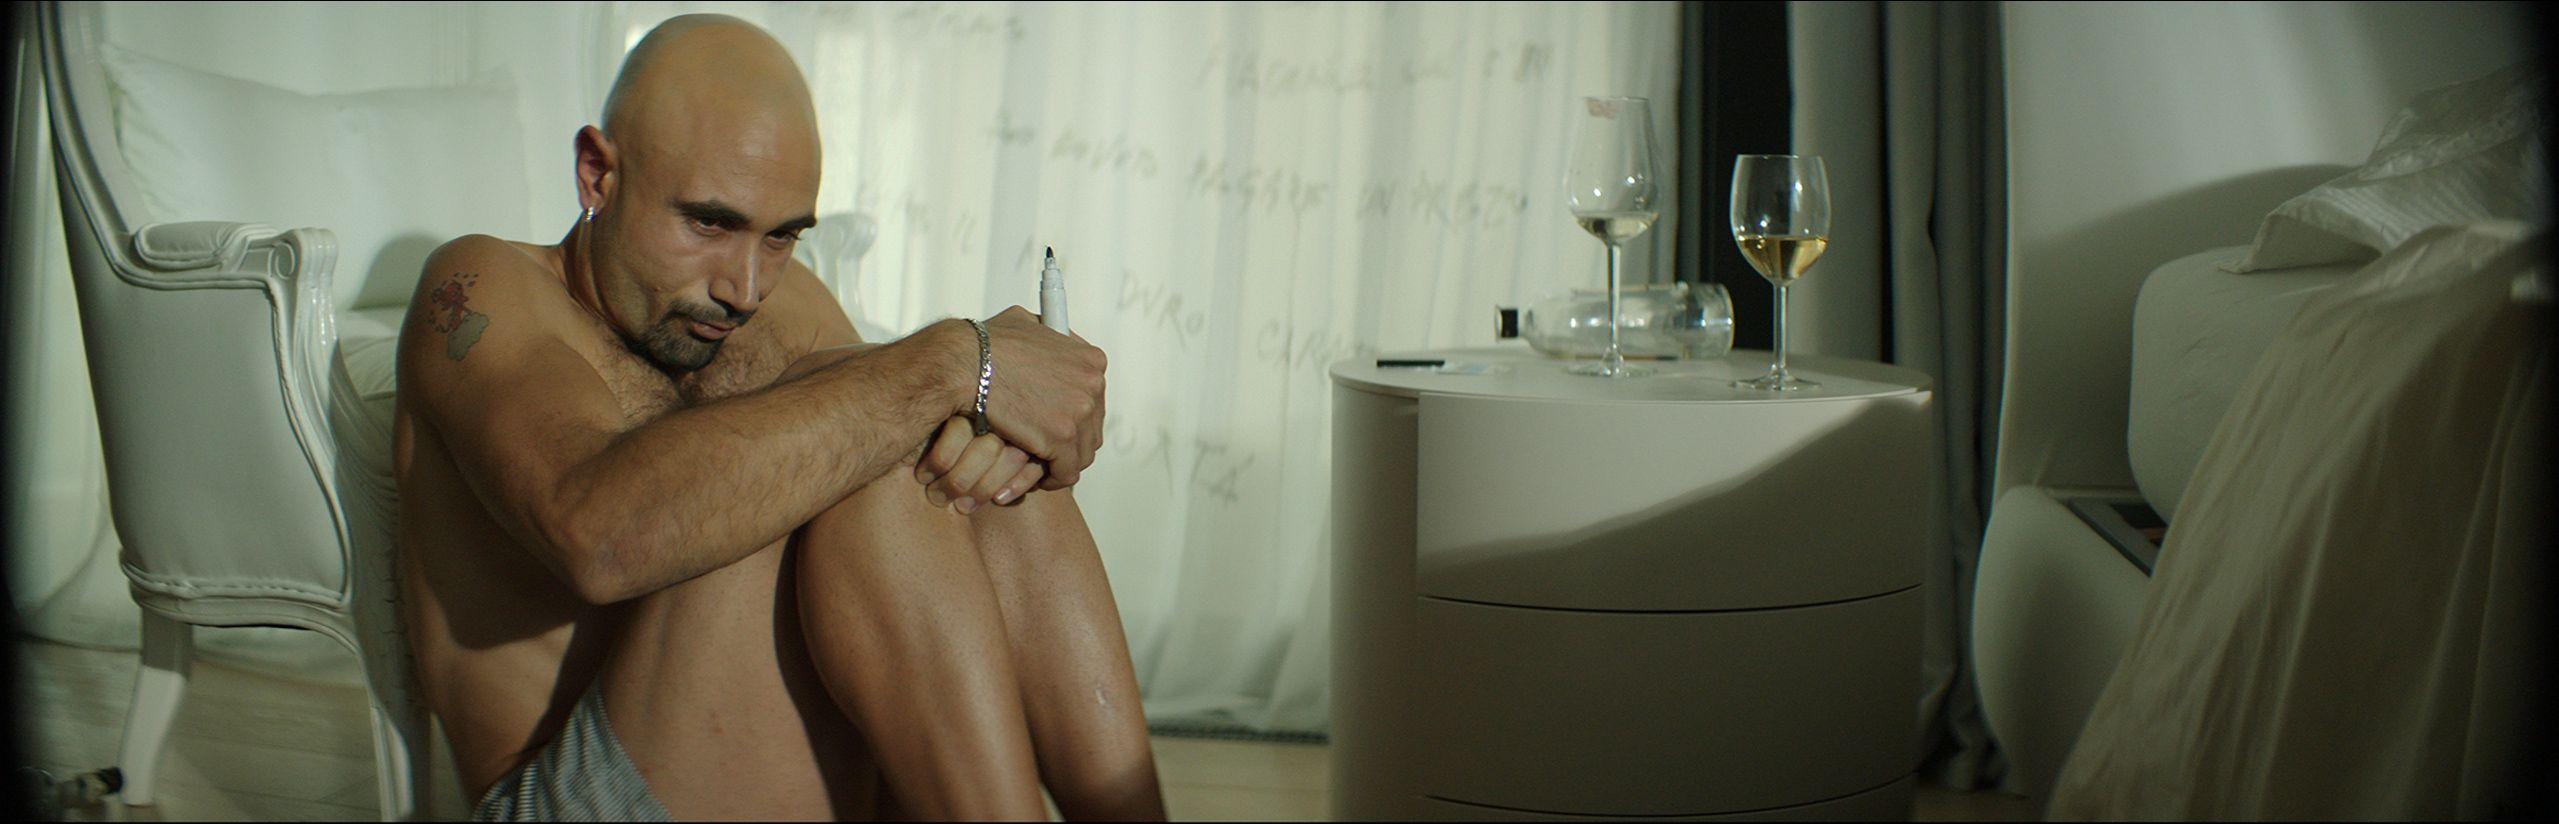 Il caso Pantani - L'omicidio di un campione: un'immagine del film